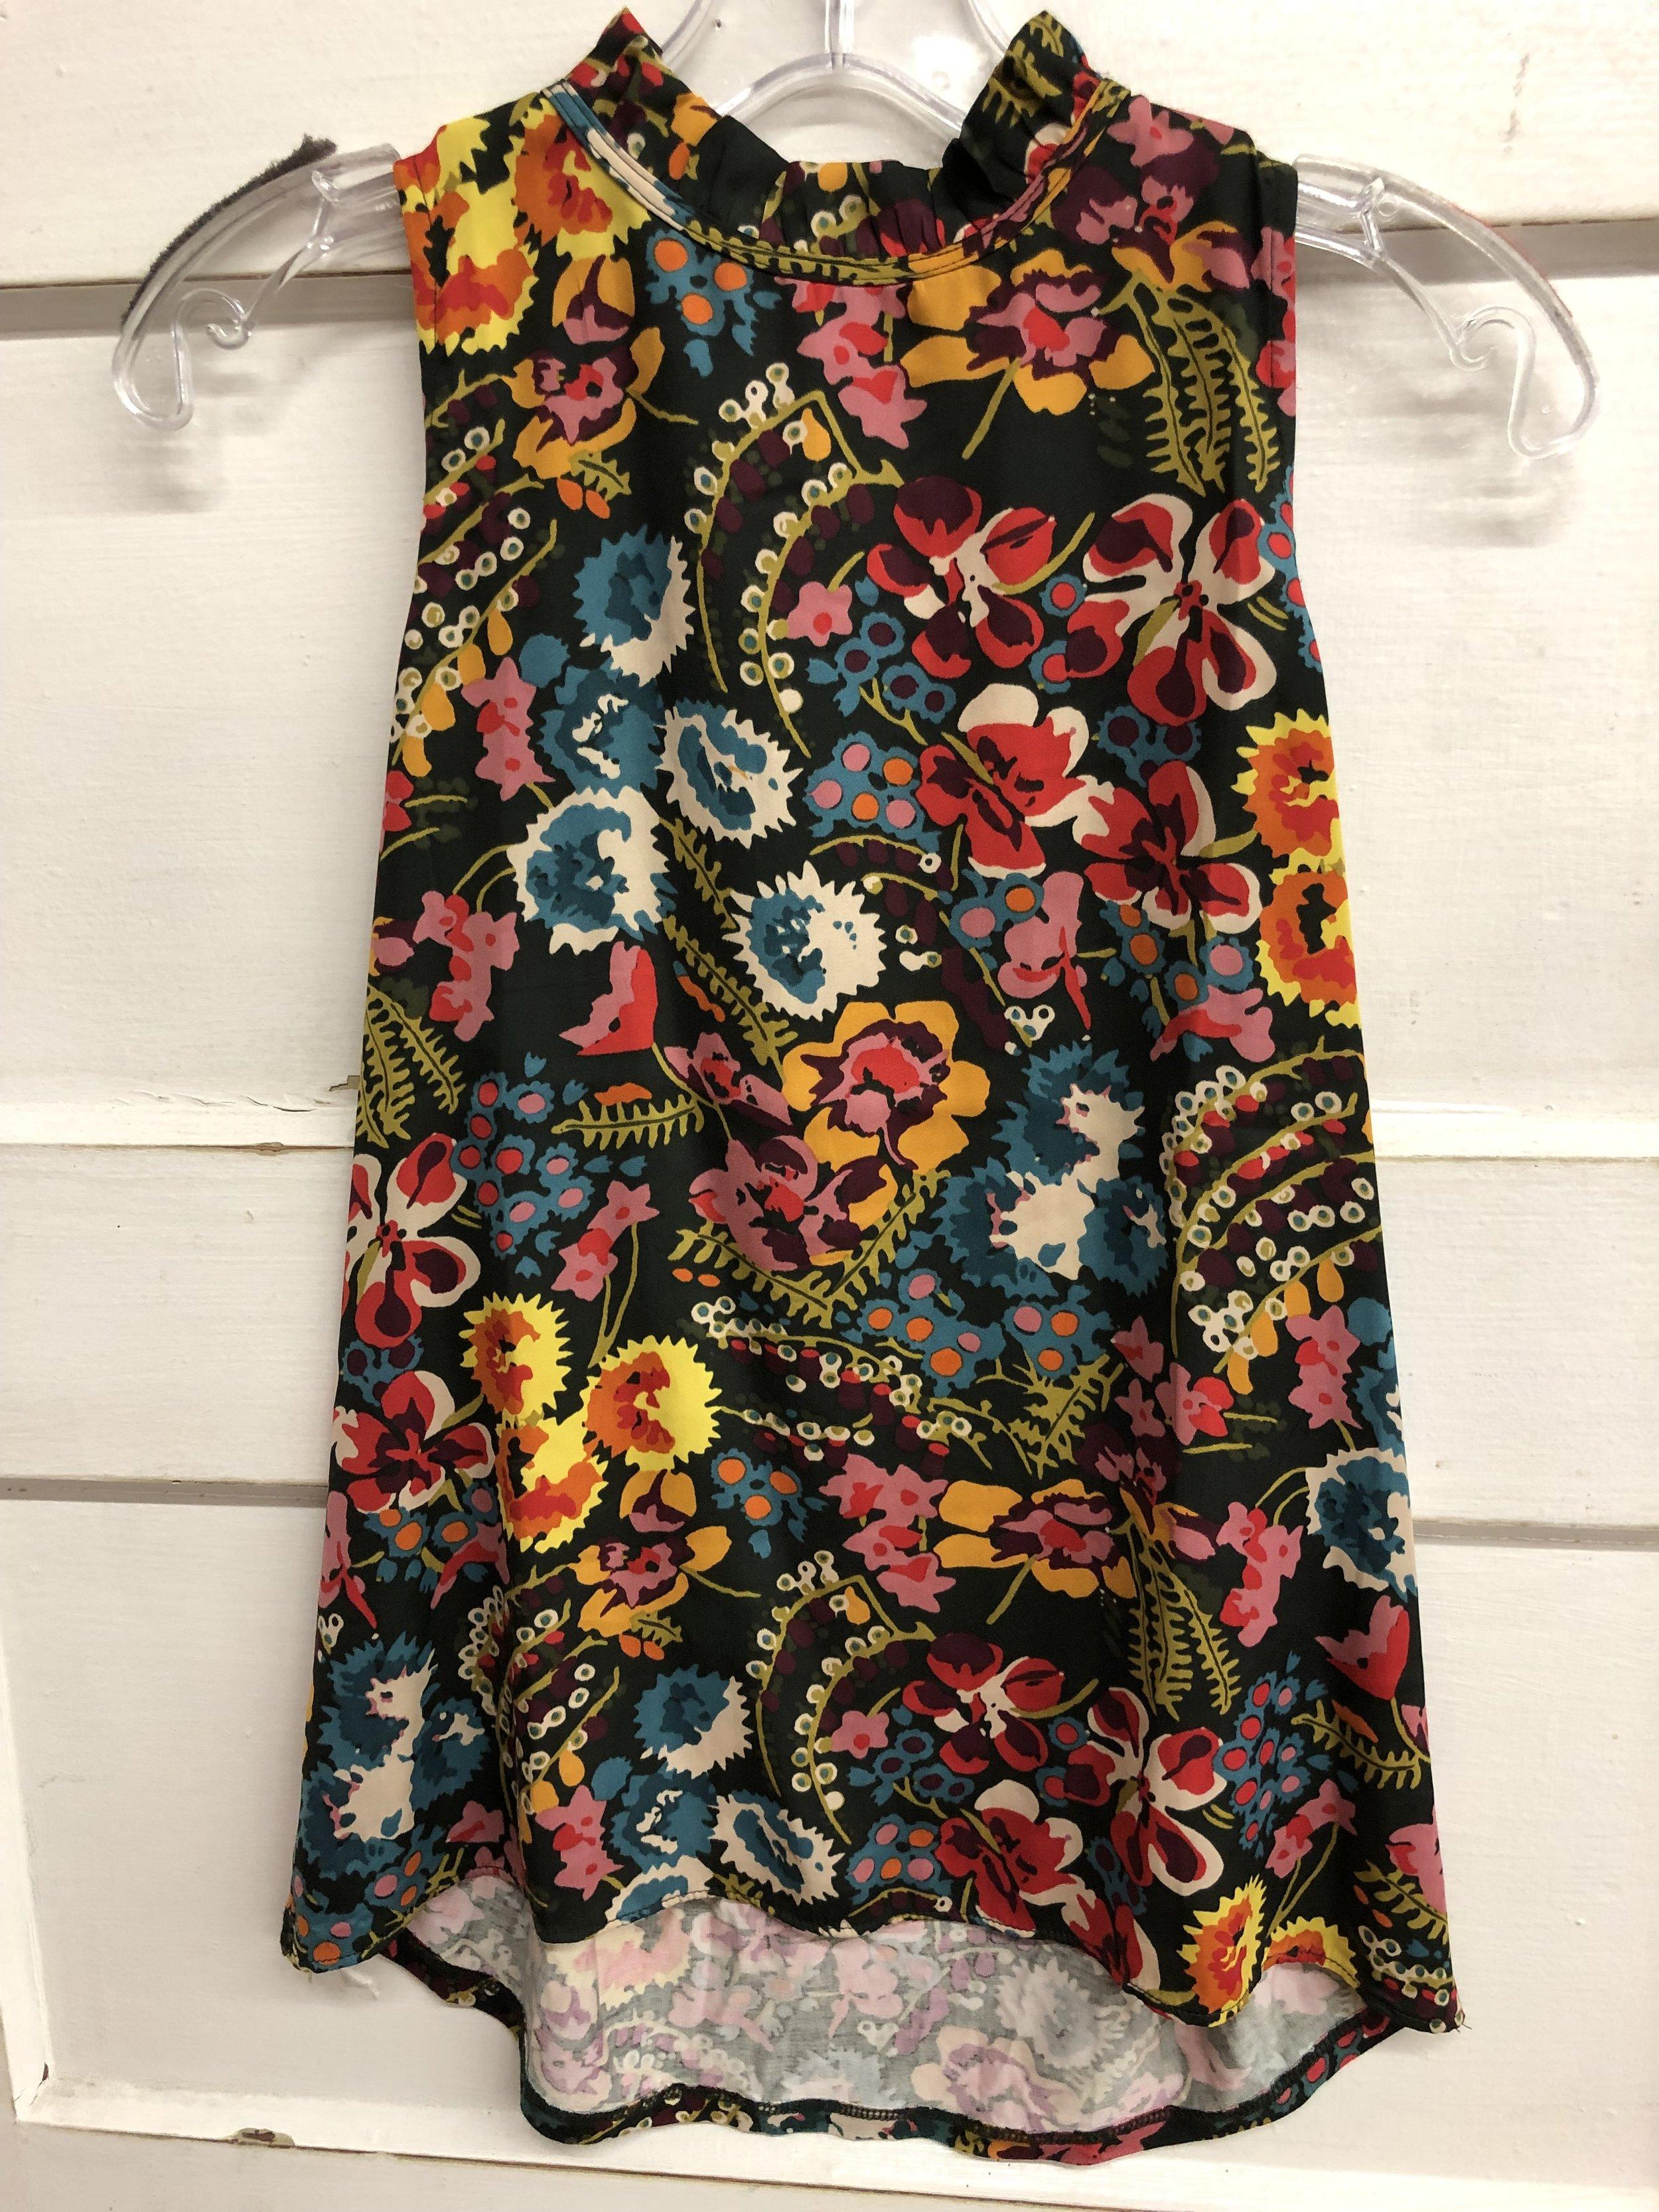 Loft Floral - XS - $14.99